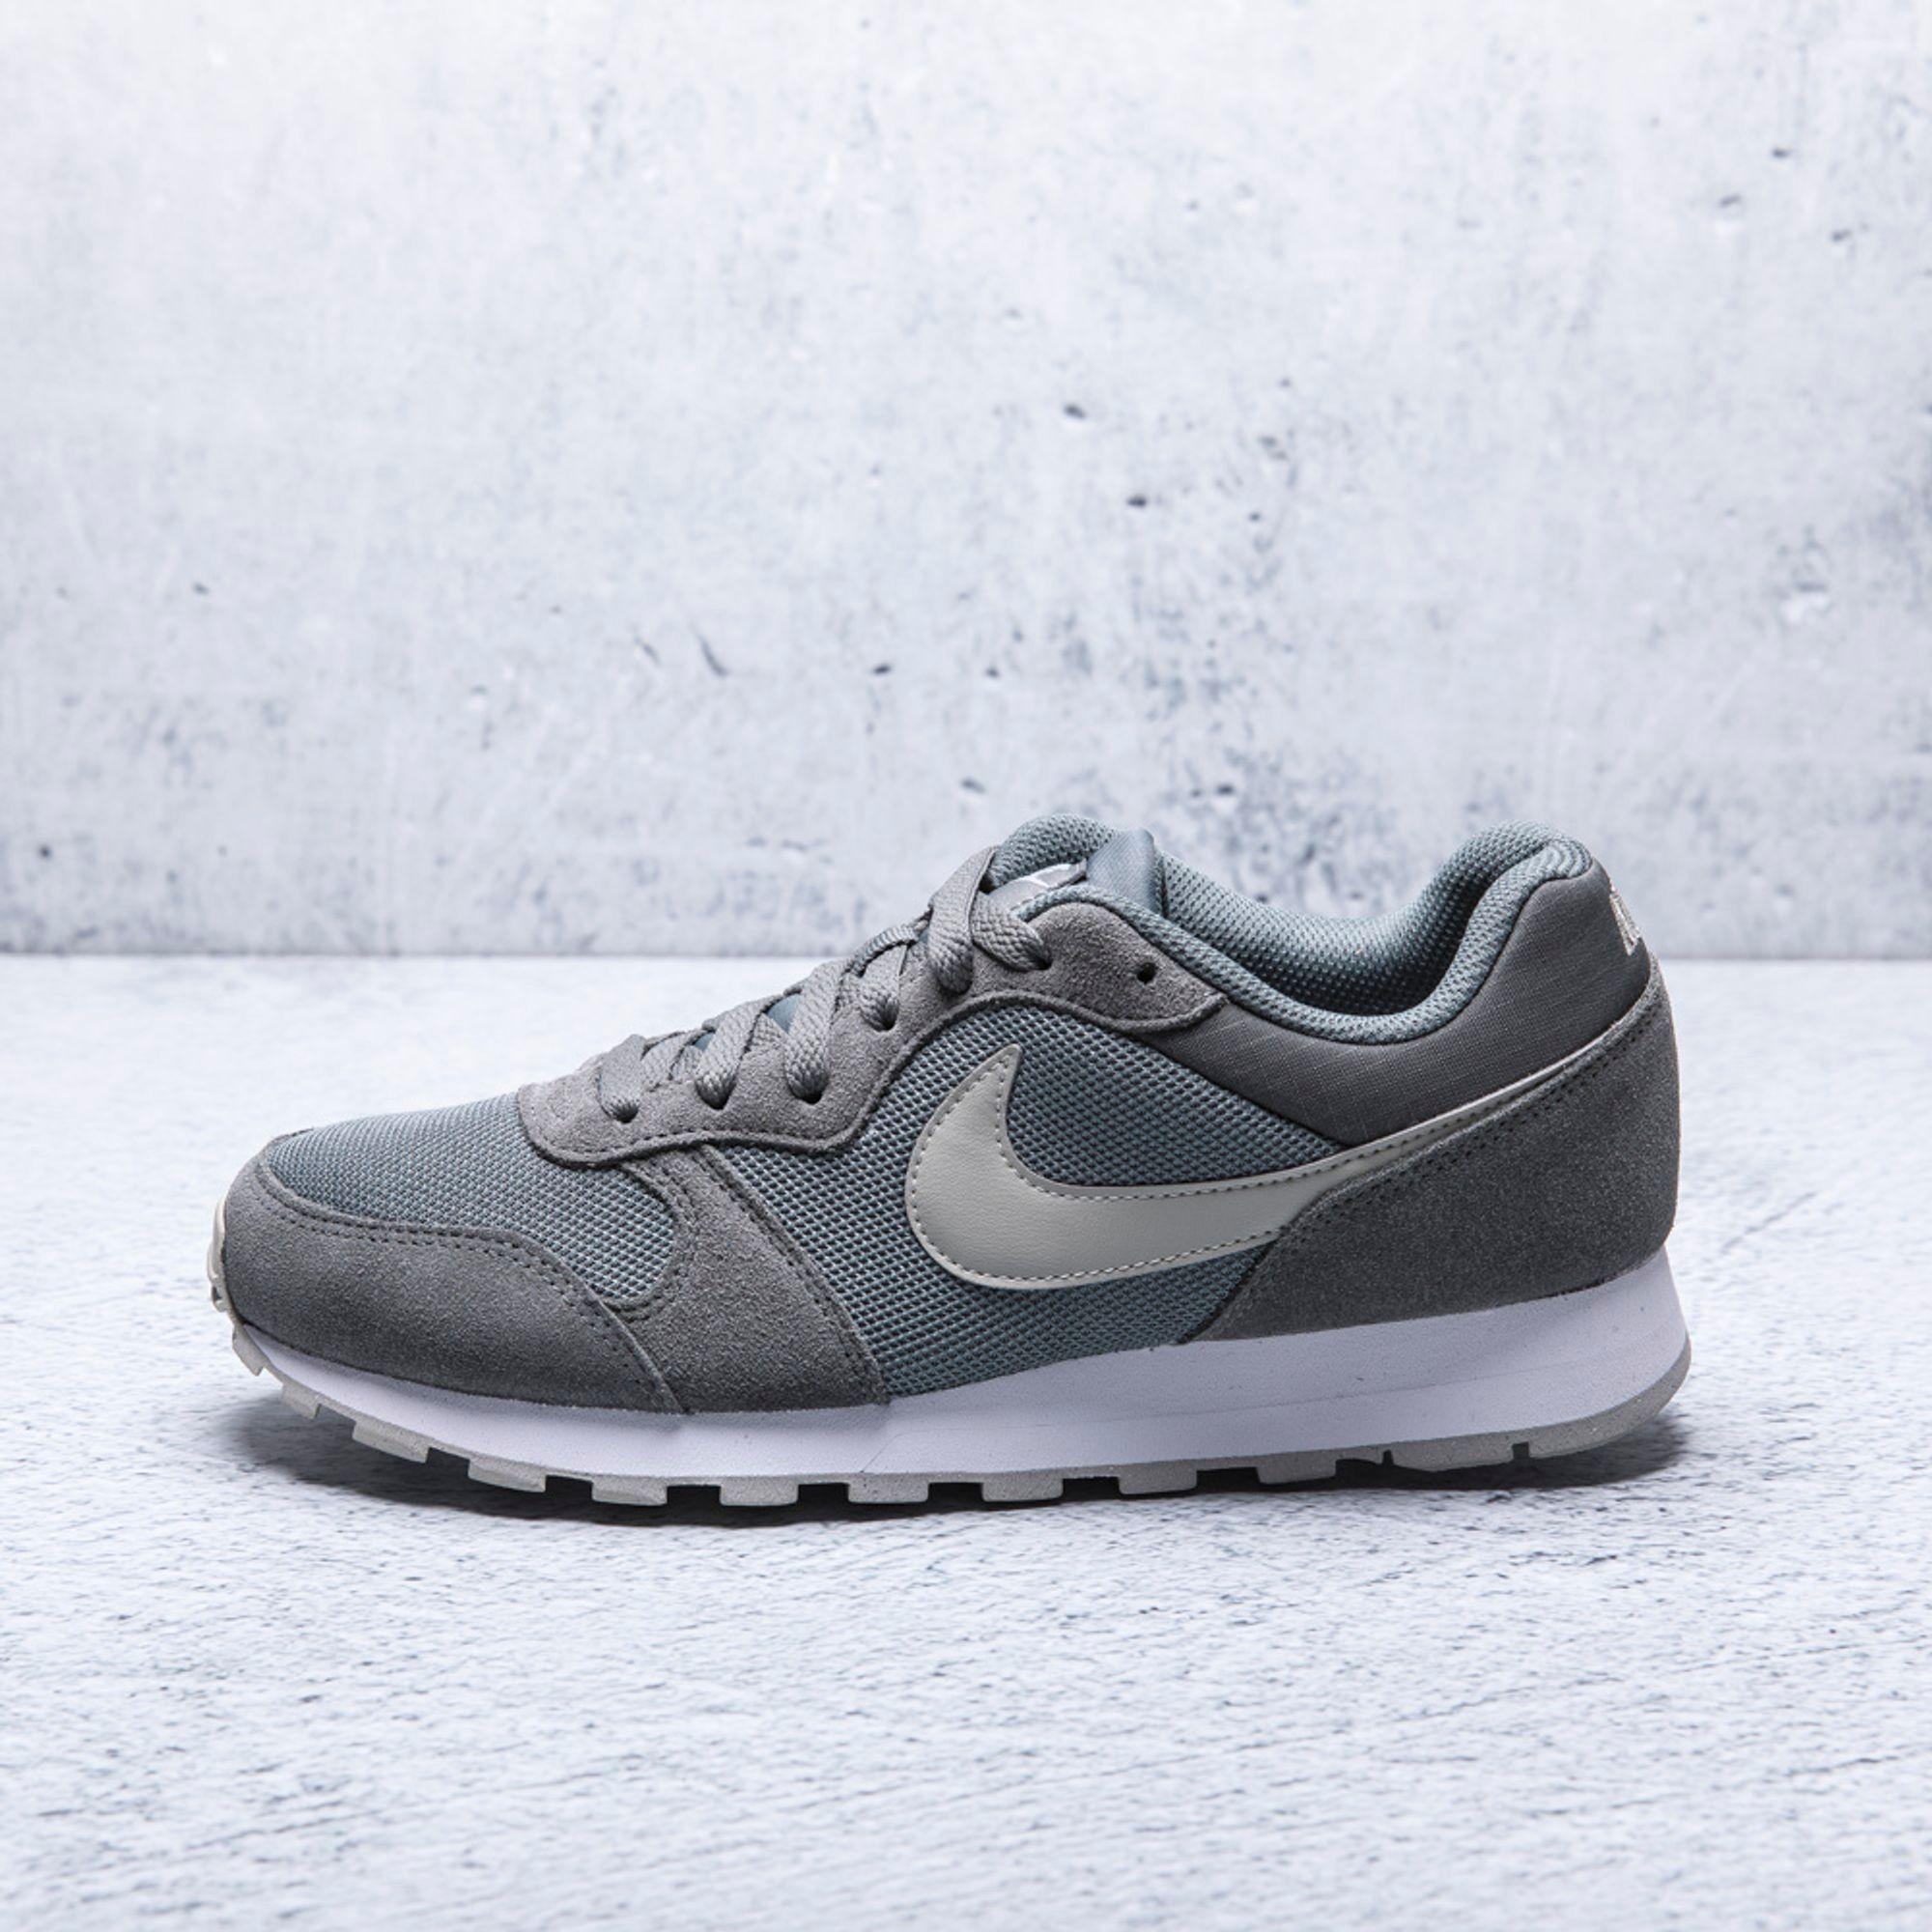 Nike Dp Md Agaval Hombre 749794 Run Tenis 302 rdxtQChs